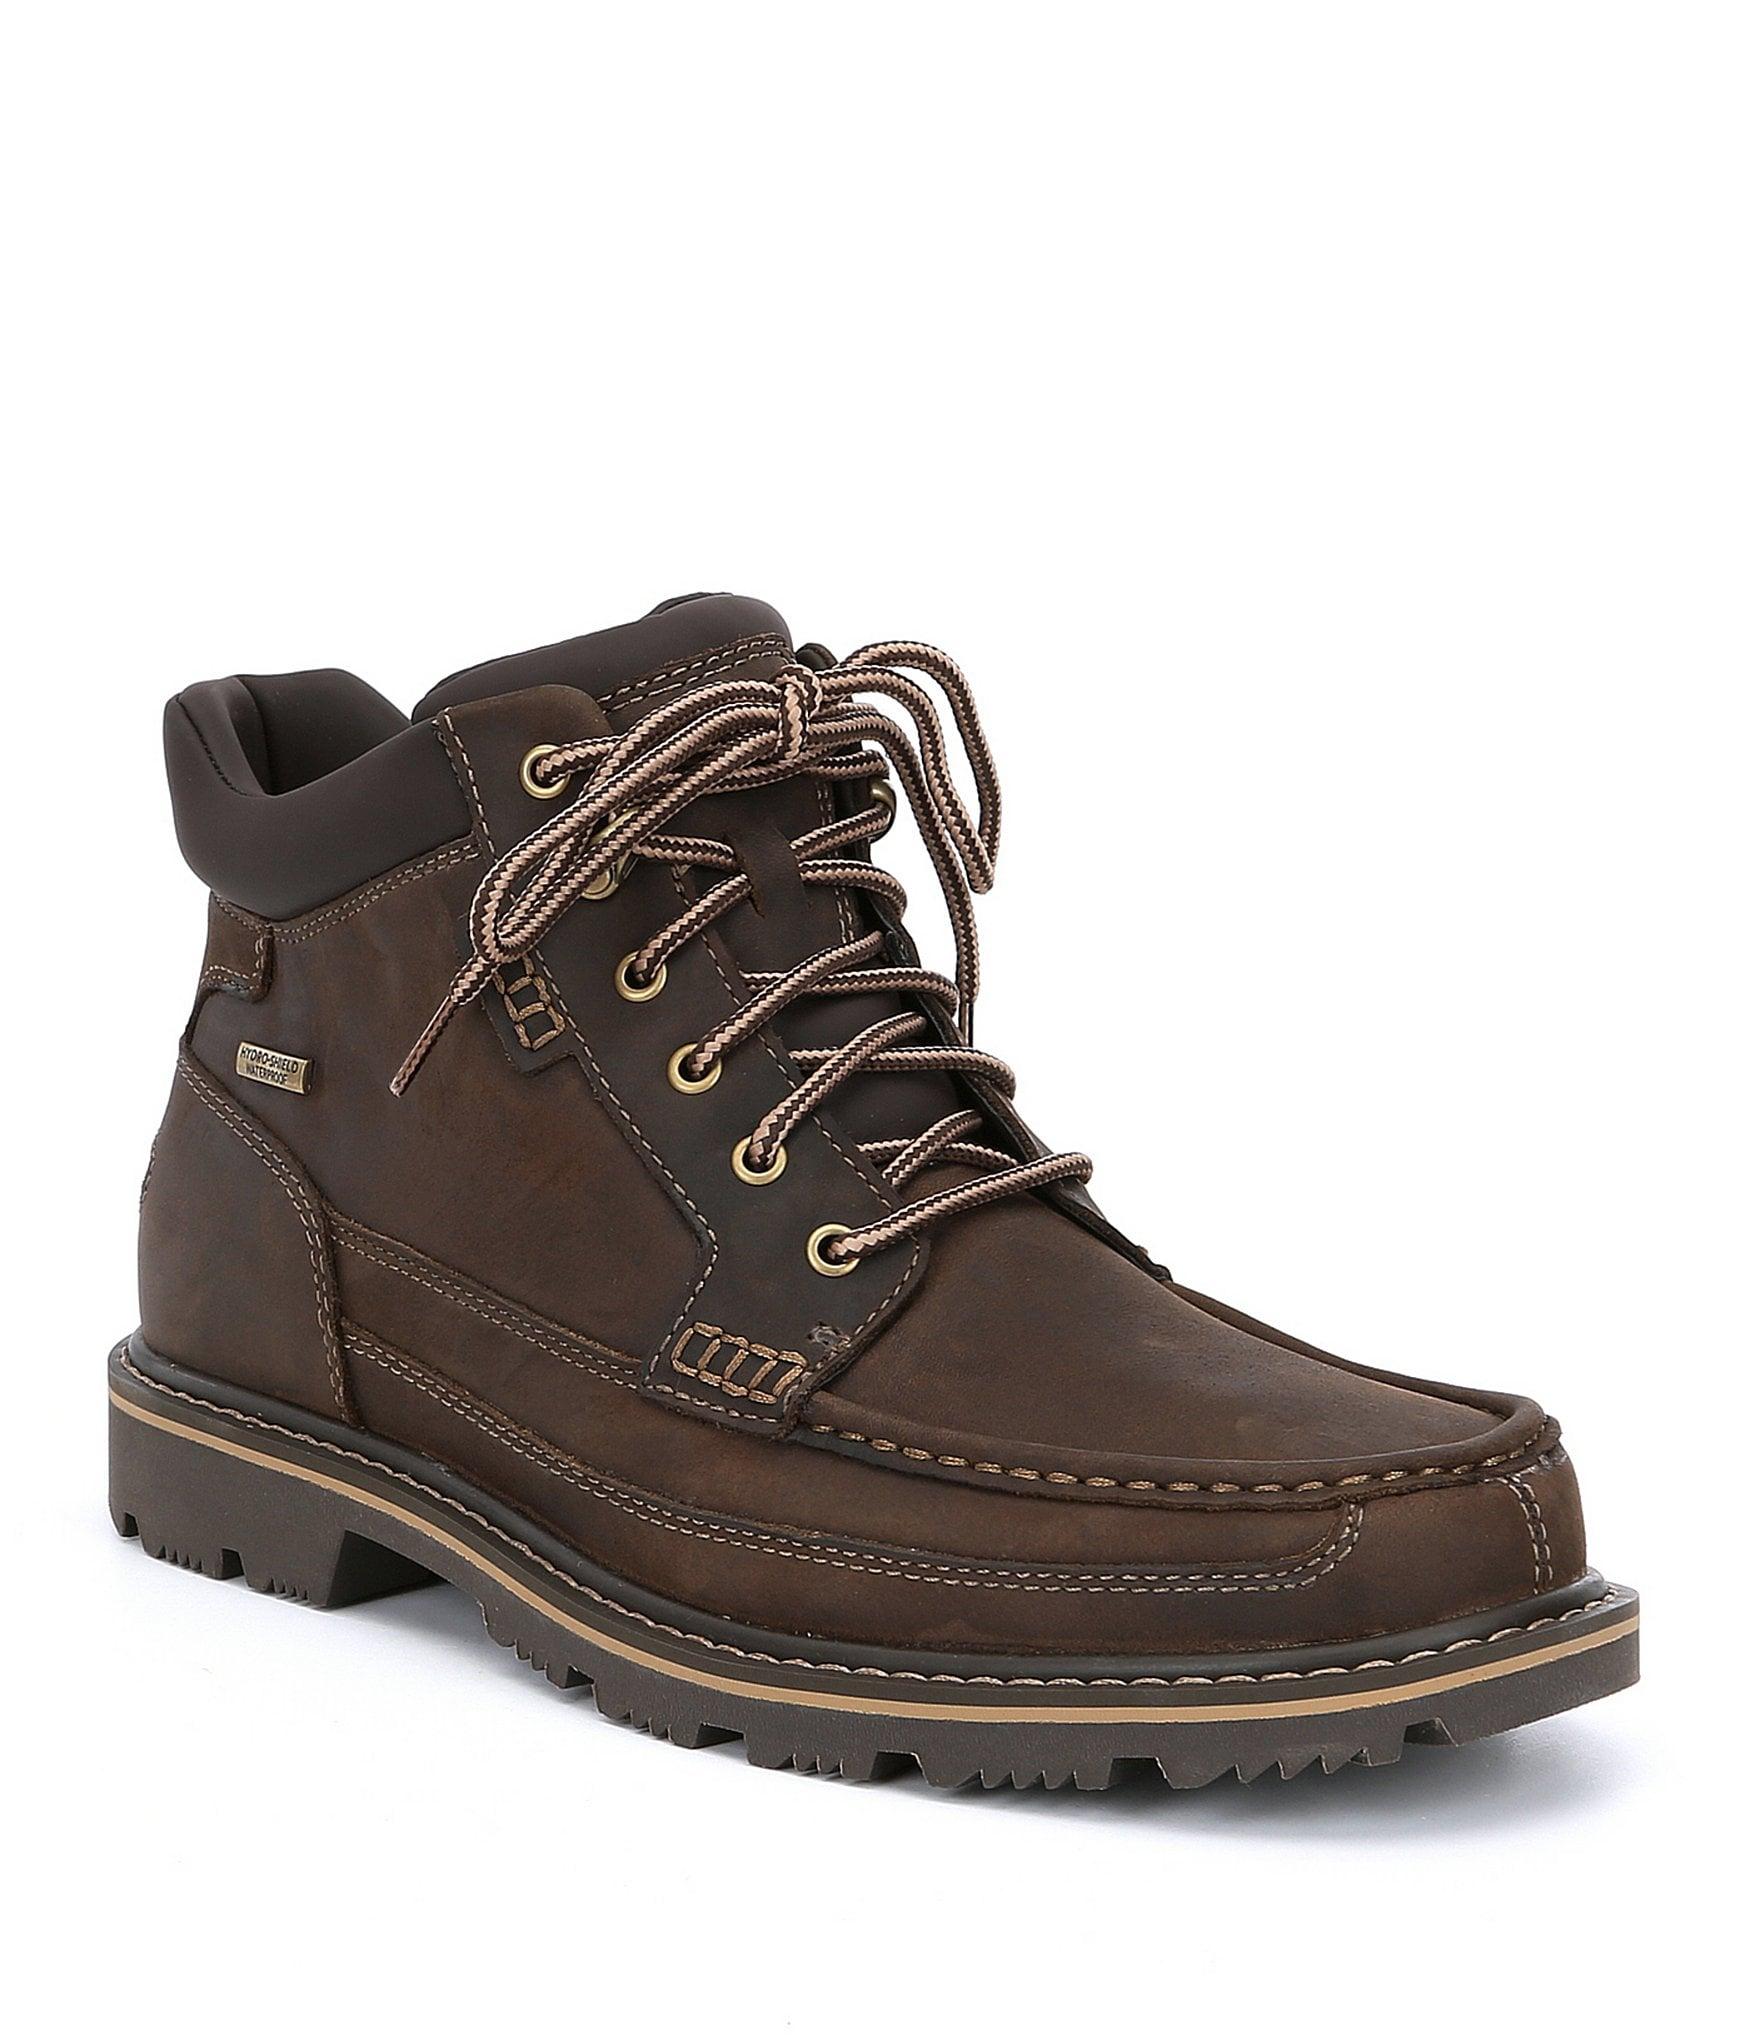 rockport s gentleman s waterproof boots dillards